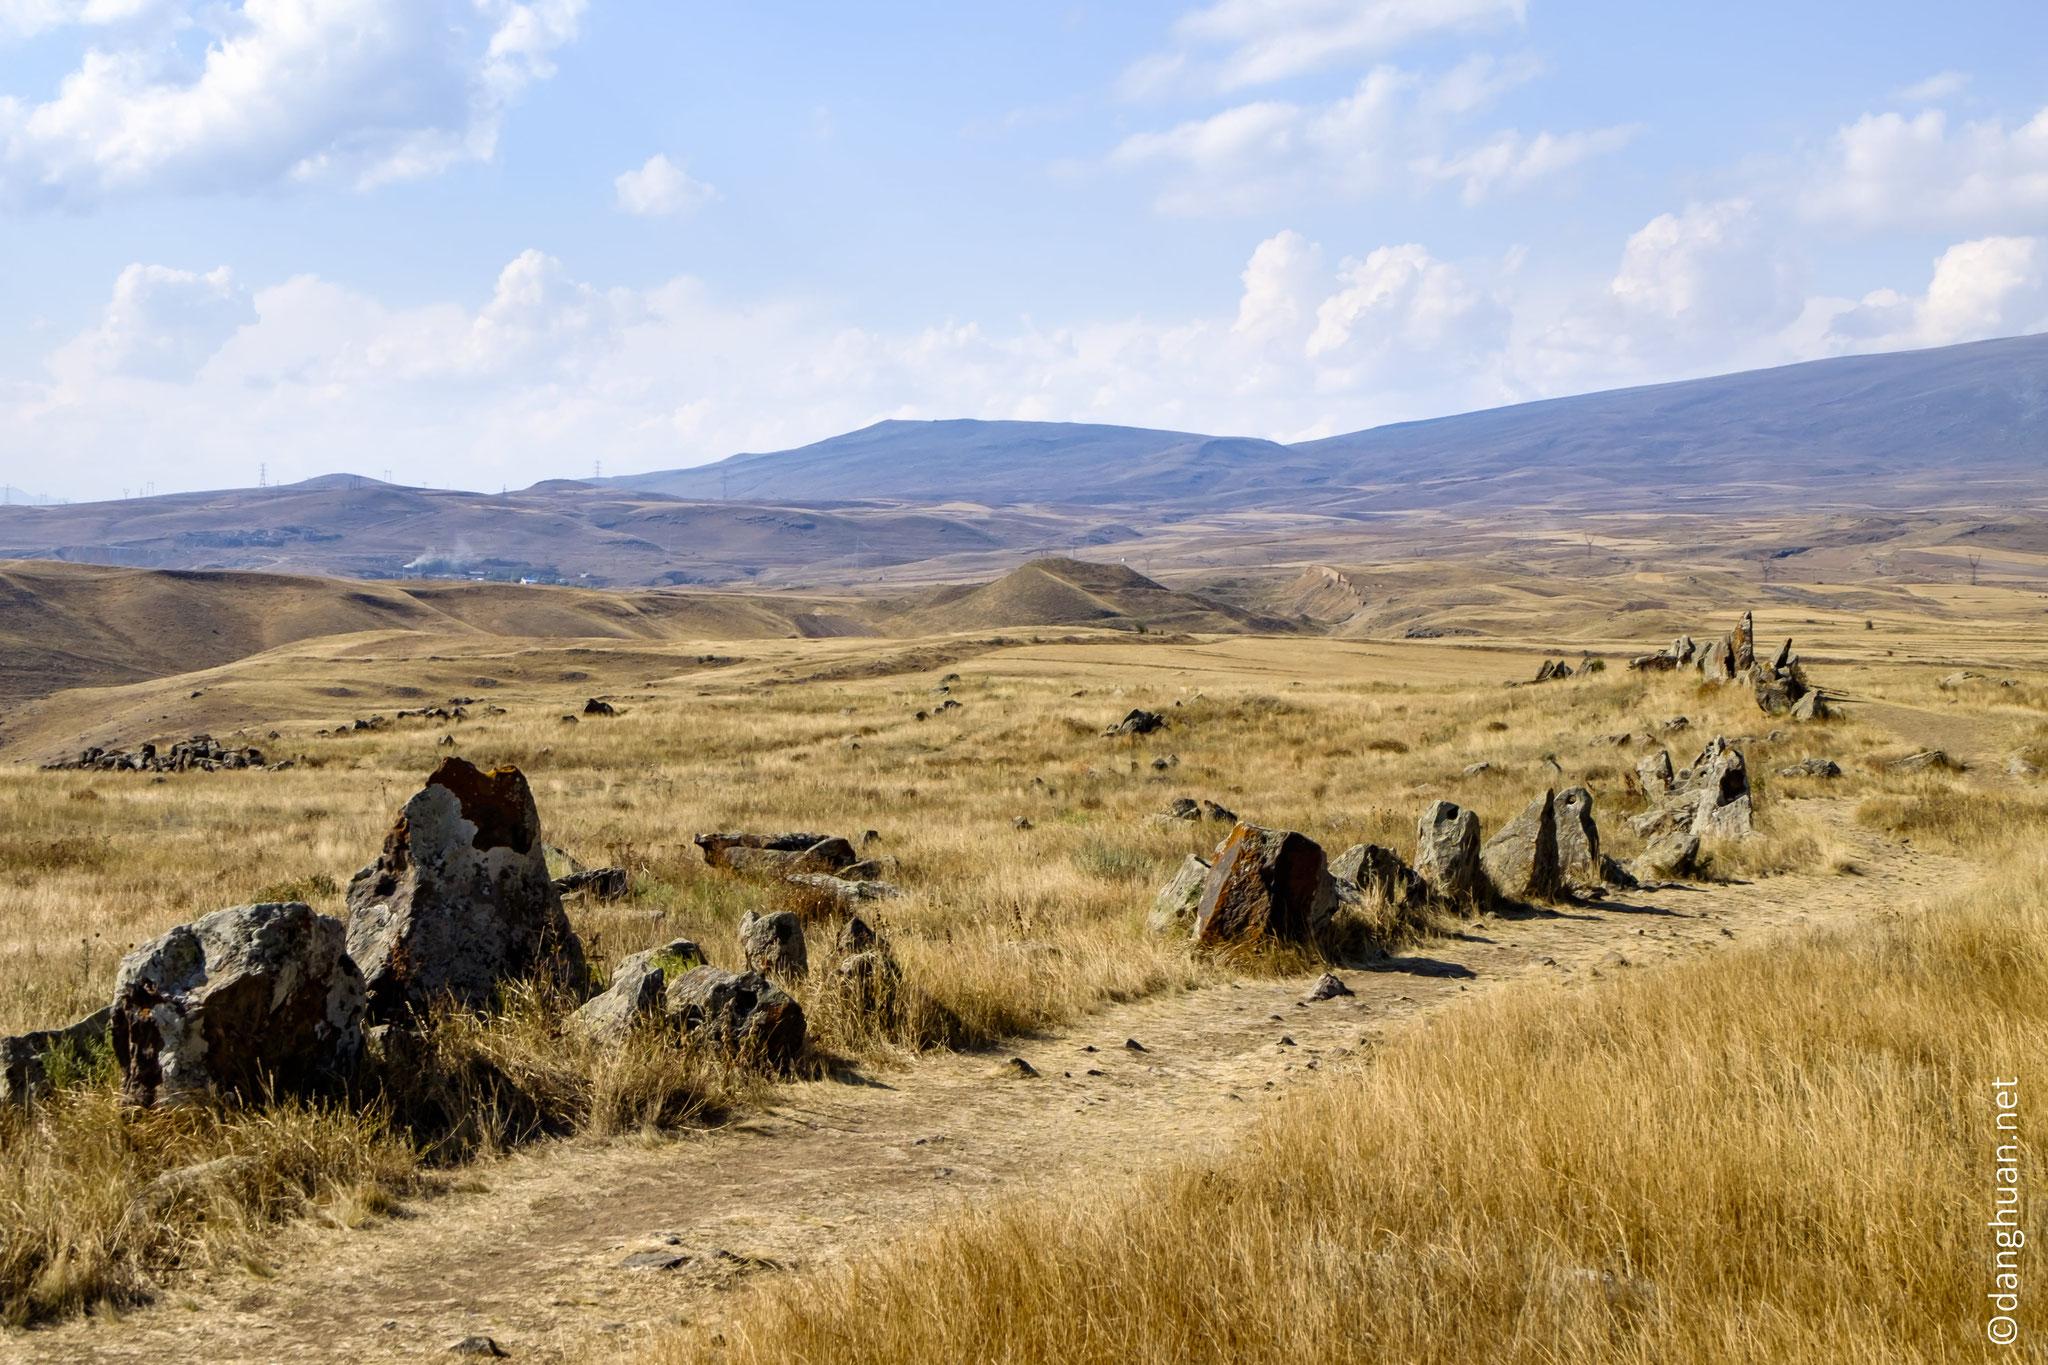 ... aussi appelé Karahunj (Քարահունջ, « voix des pierres »)...